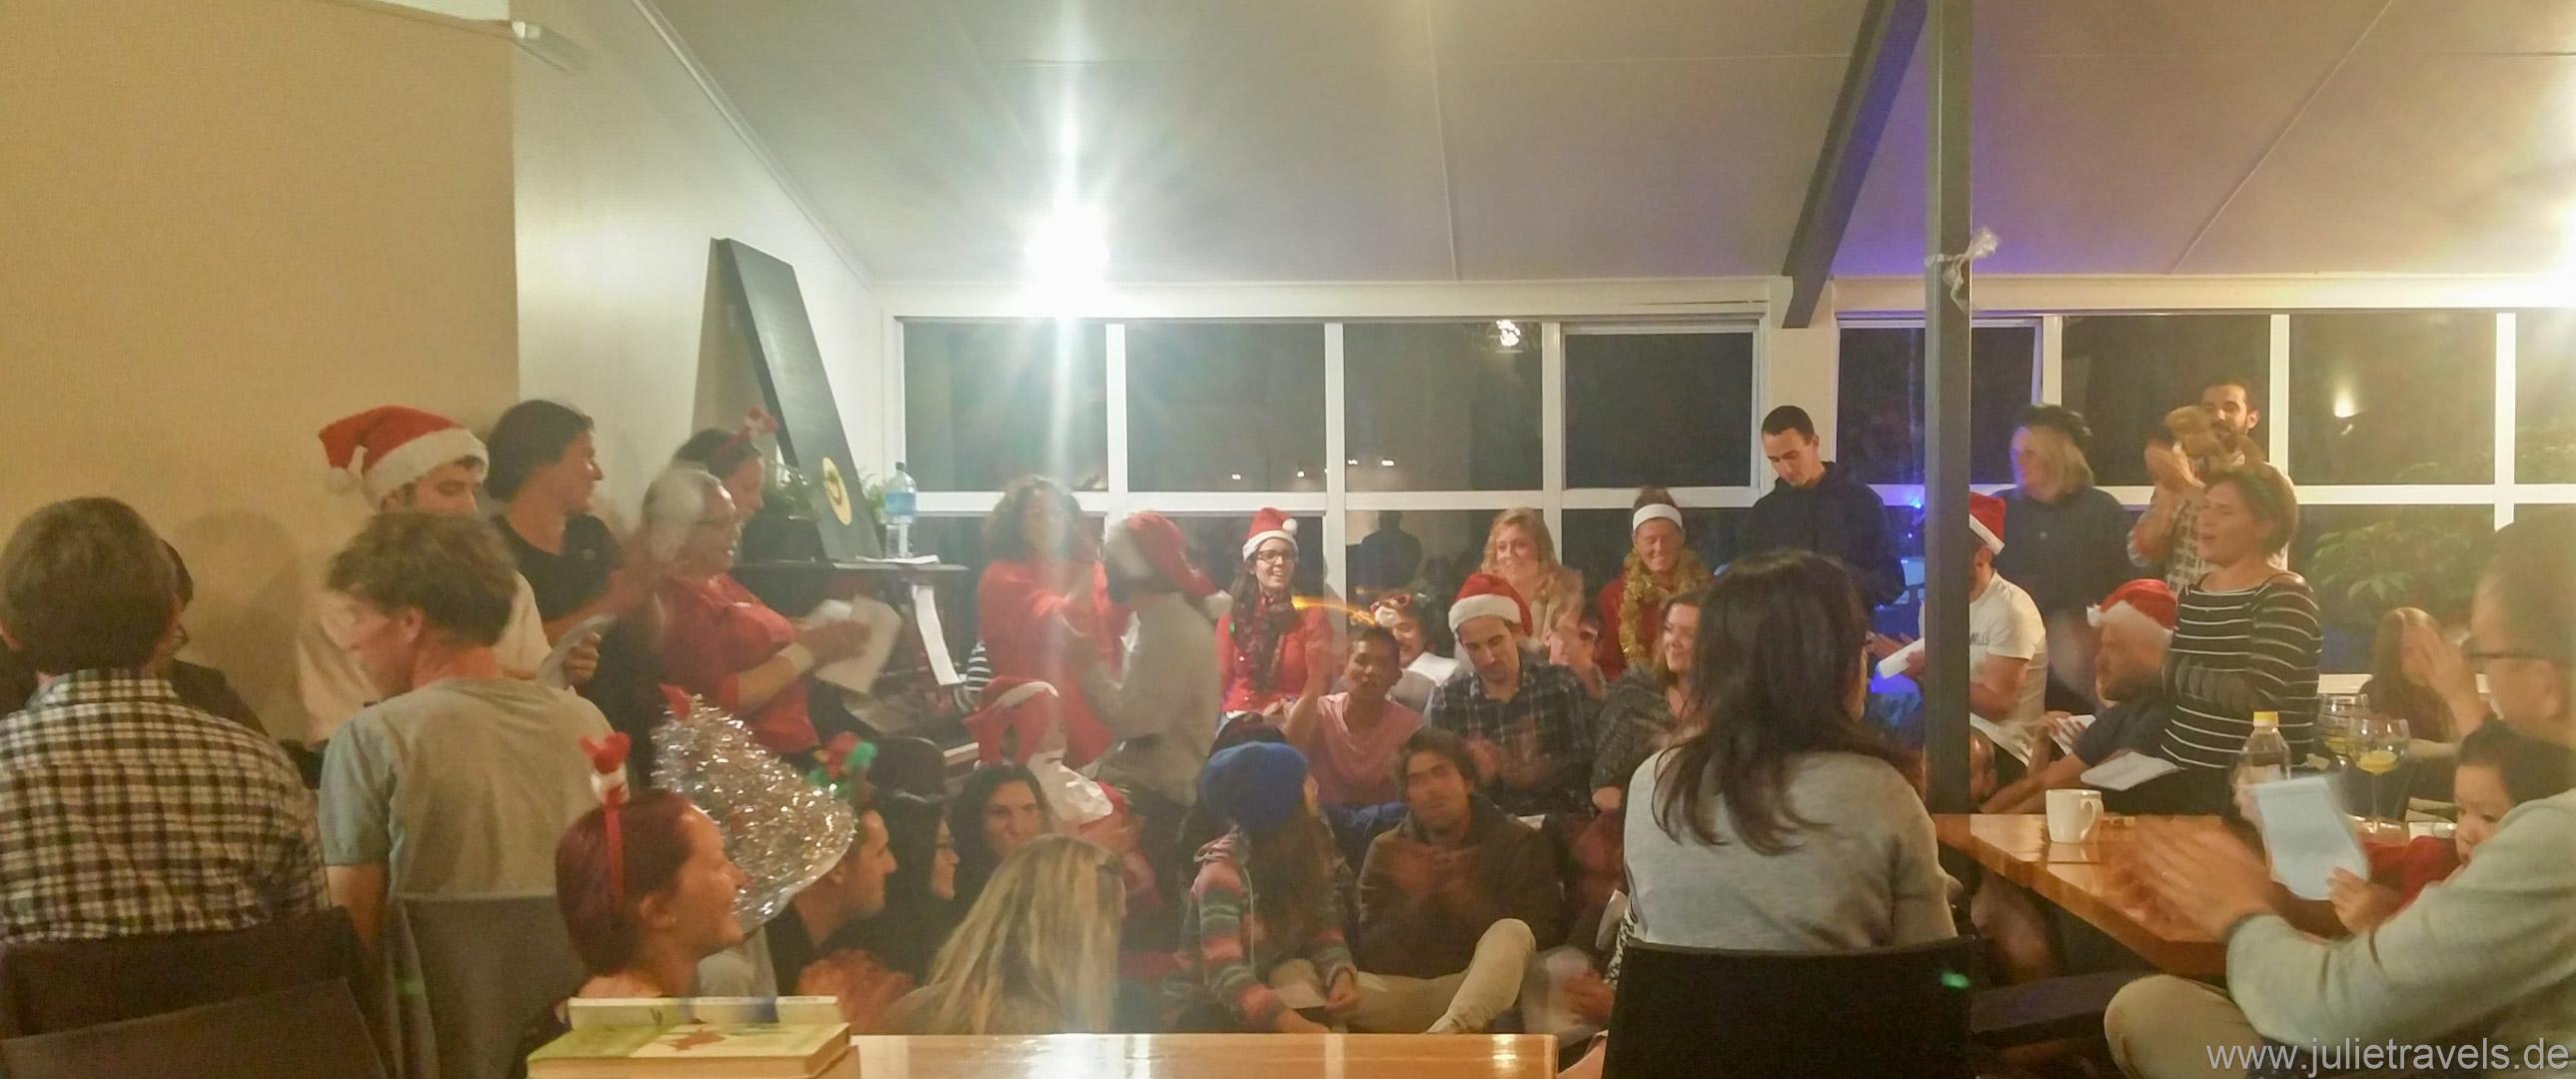 Milford Sound Lodge Weihnachtschor